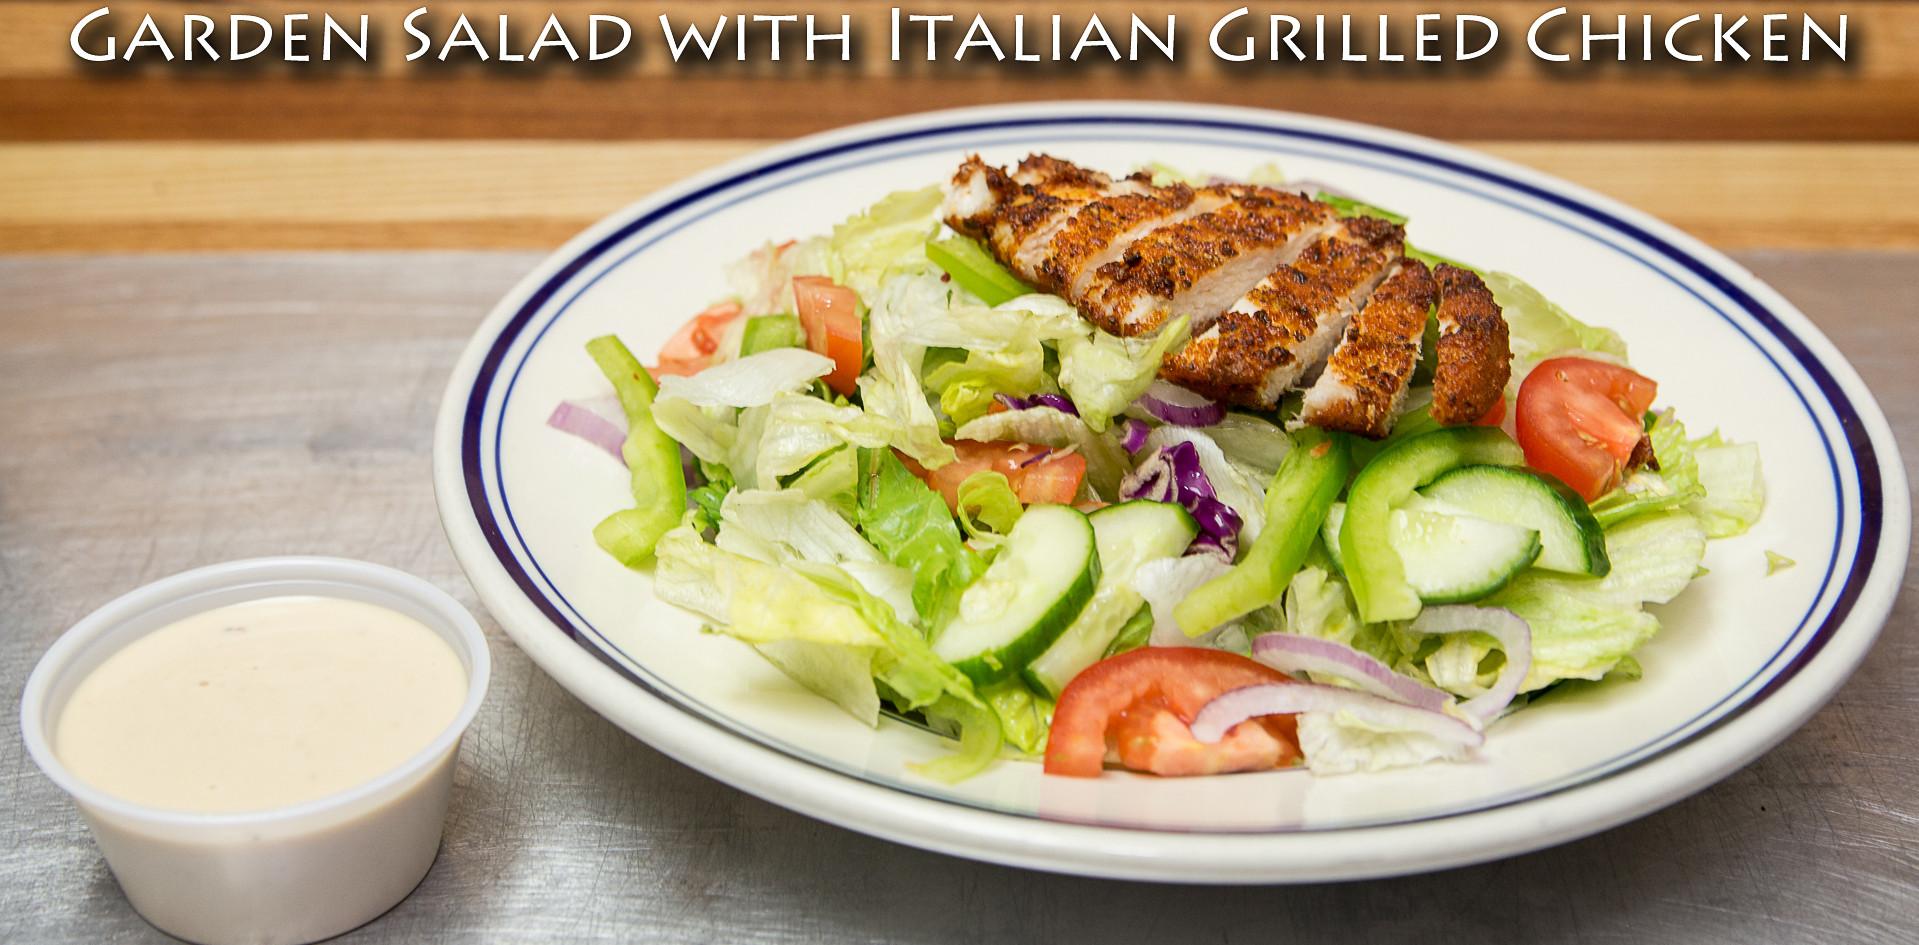 Garden Salad with Italian Grilled Chicken